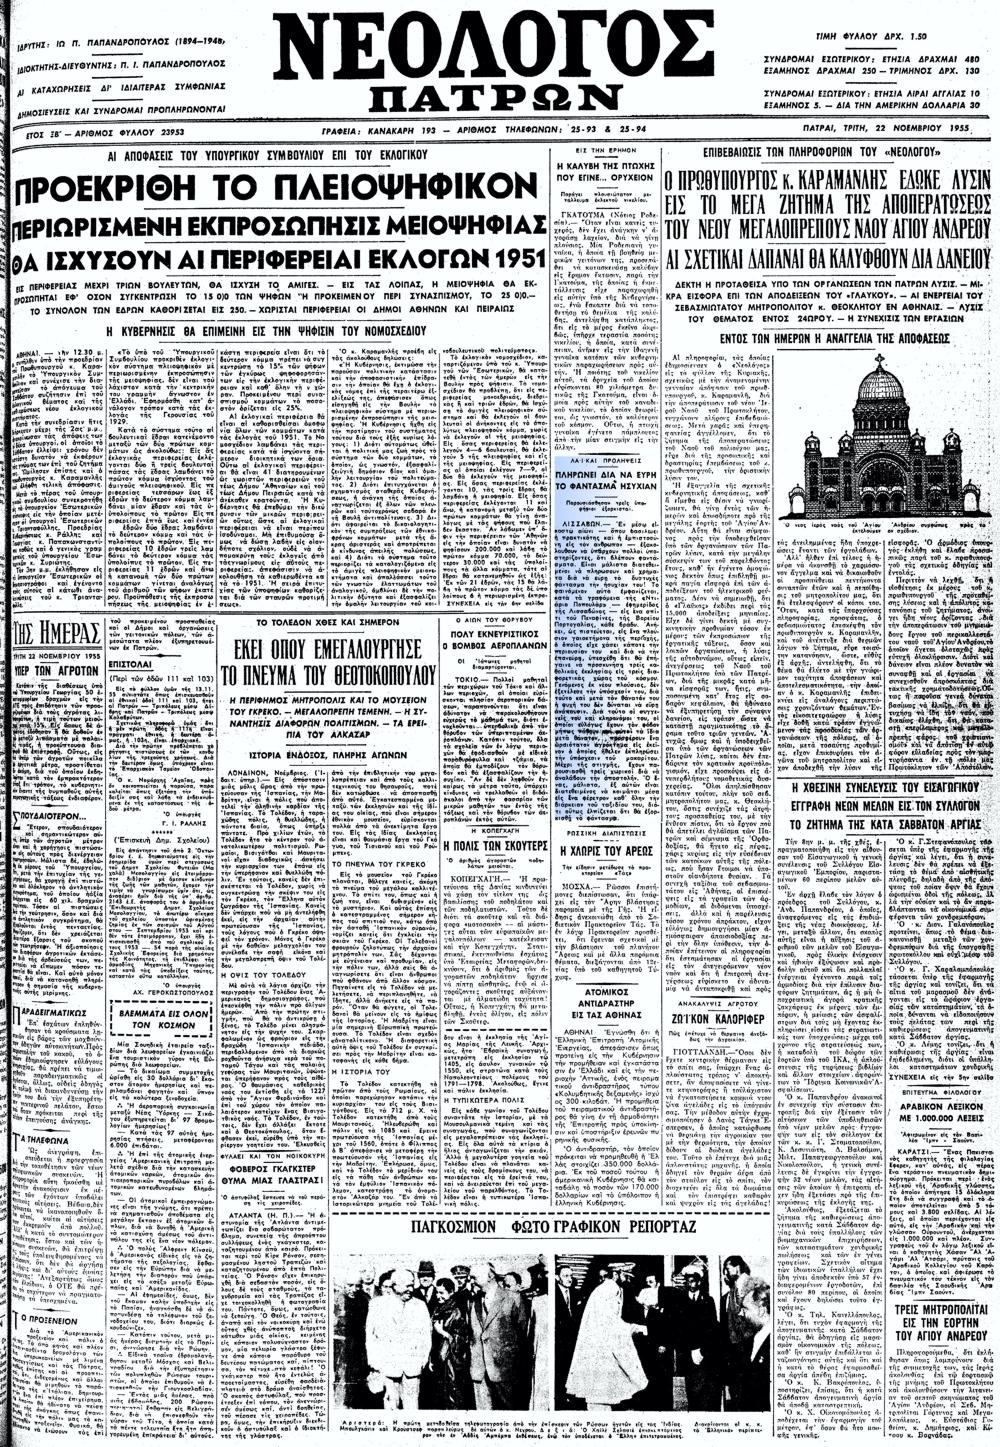 """Το άρθρο, όπως δημοσιεύθηκε στην εφημερίδα """"ΝΕΟΛΟΓΟΣ ΠΑΤΡΩΝ"""", στις 22/11/1955"""